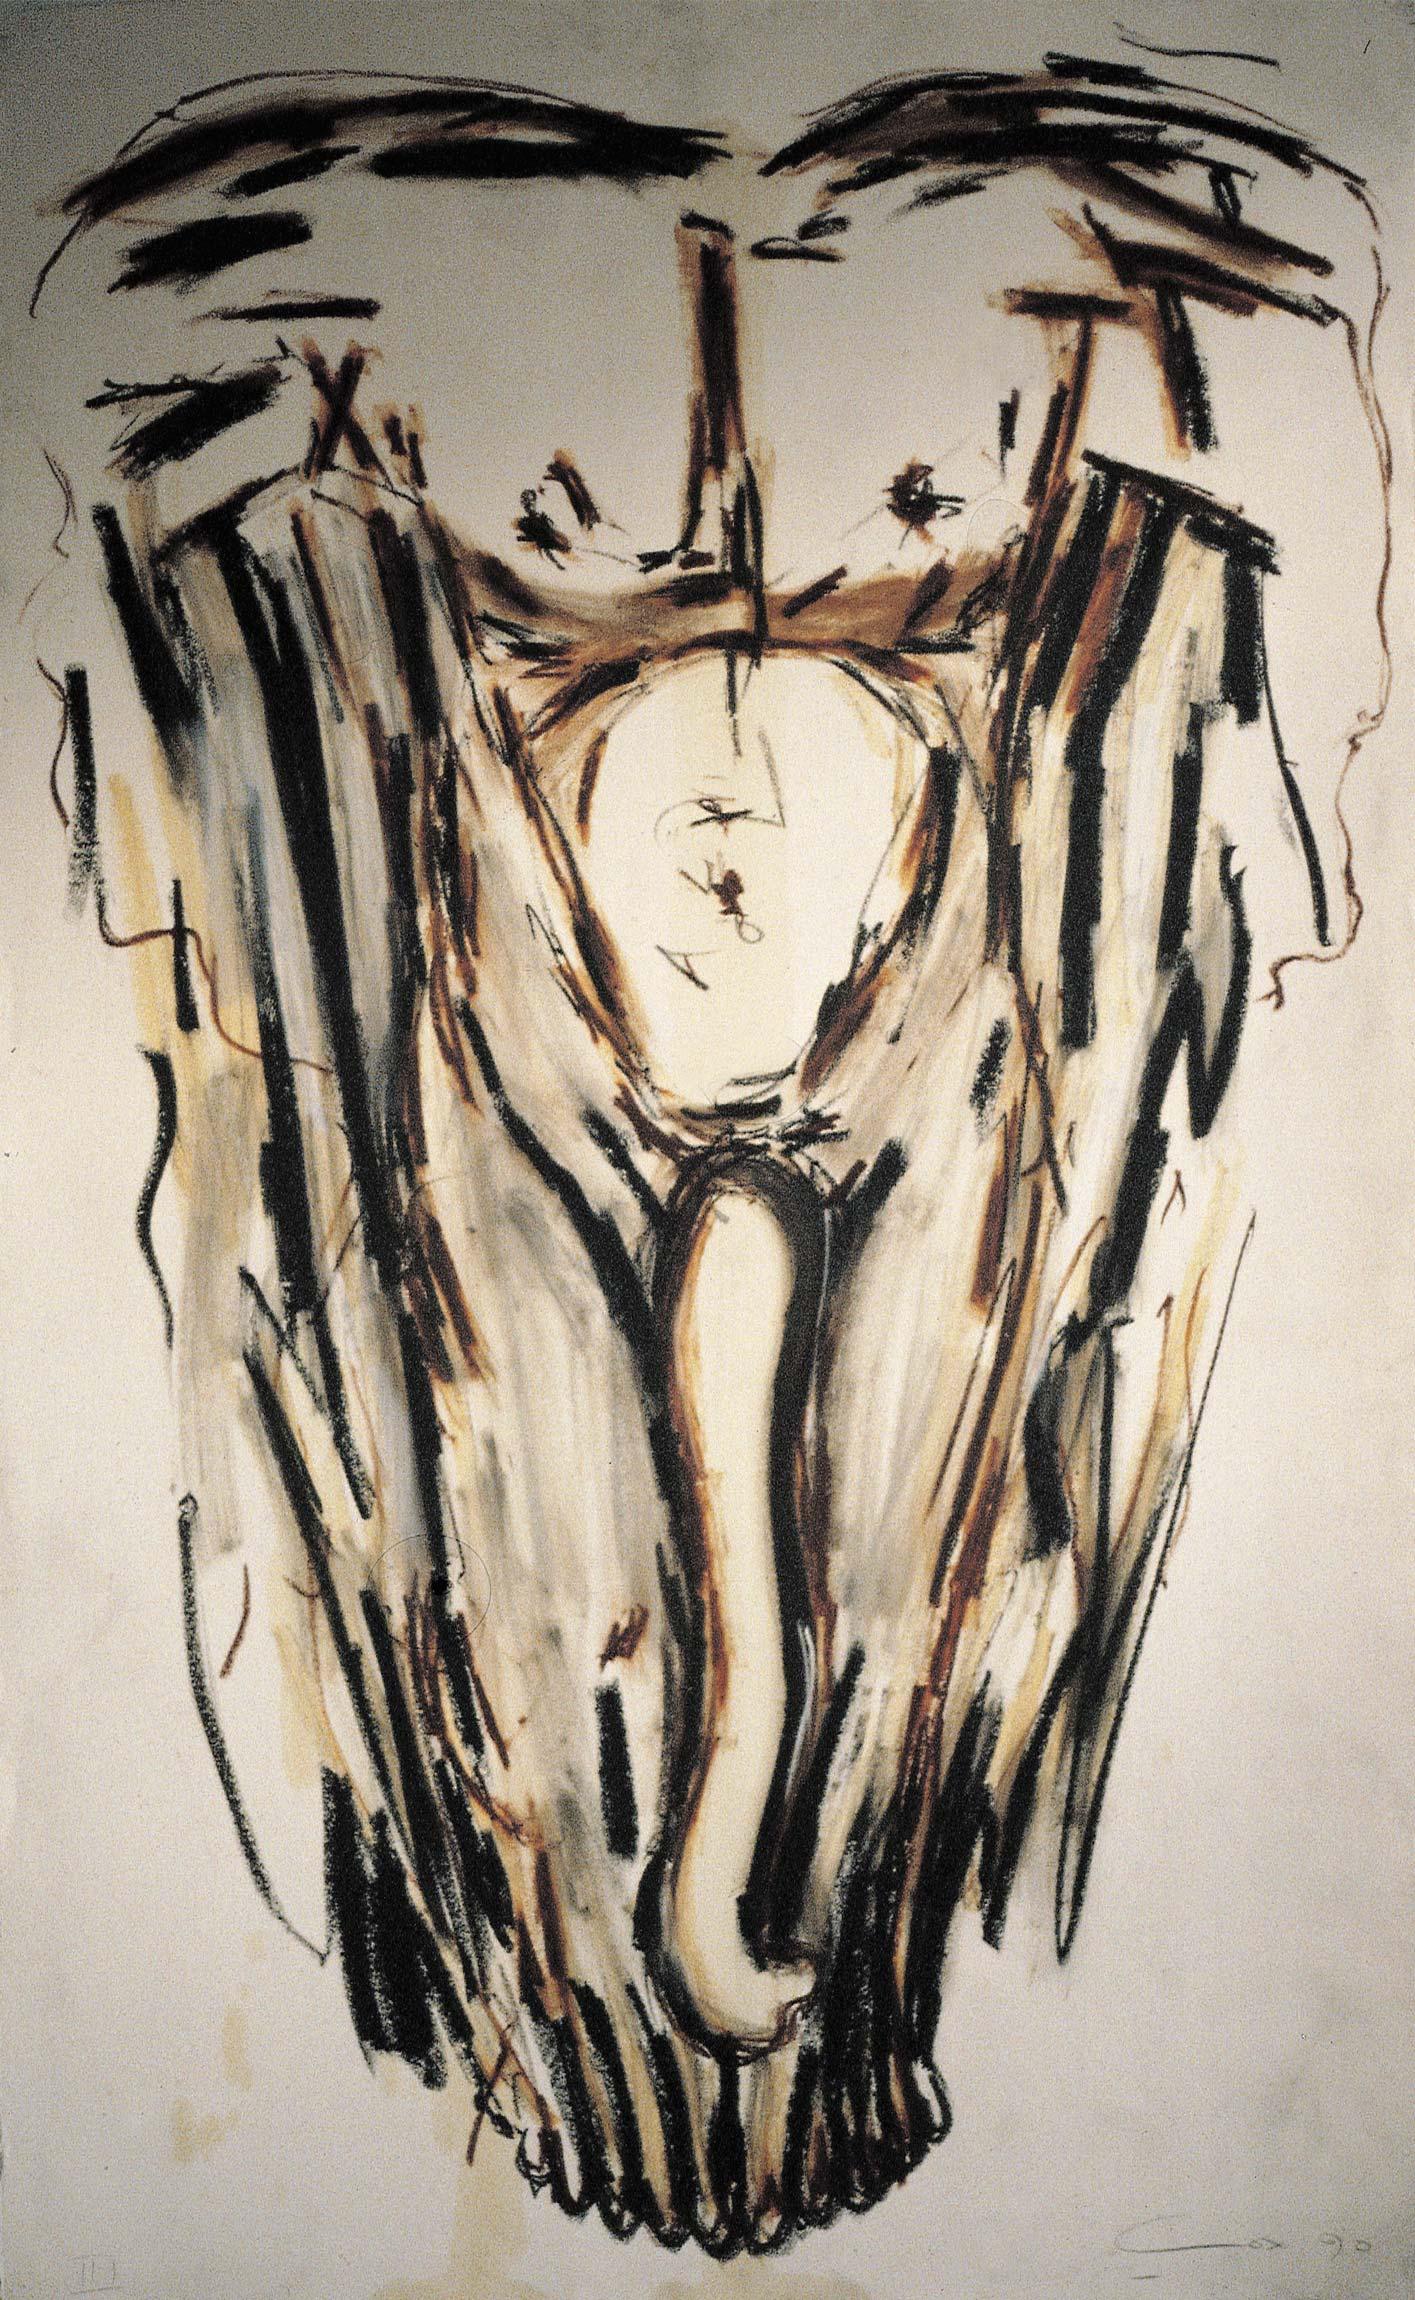 8_Torso-drawings-1990-2_ws.jpg